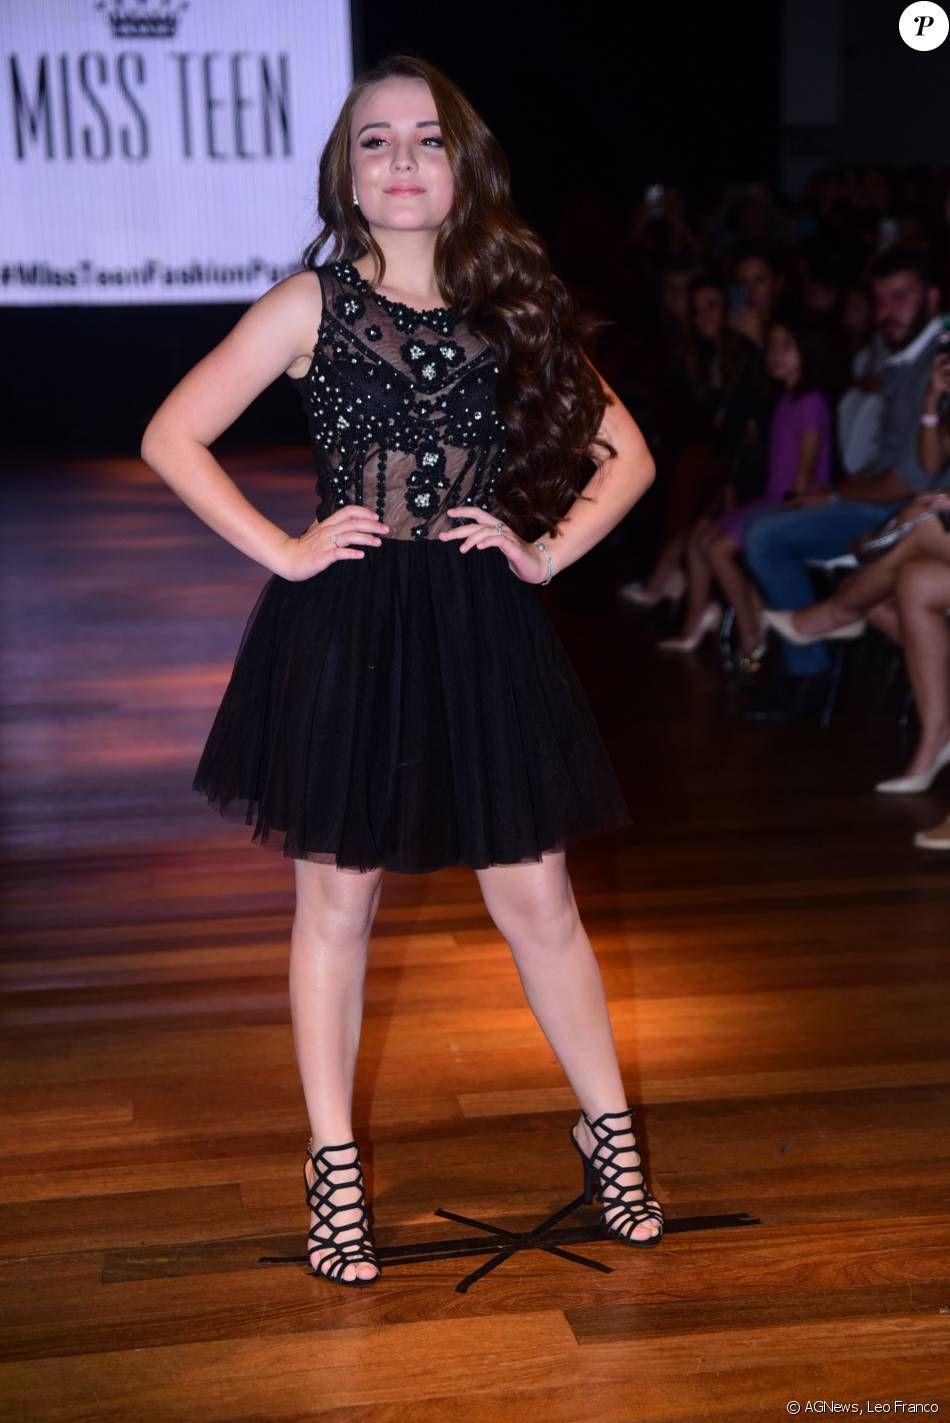 251cbc018ae01 Larissa Manoela desfila sua coleção de roupas para a loja Miss Teen em São  Paulo